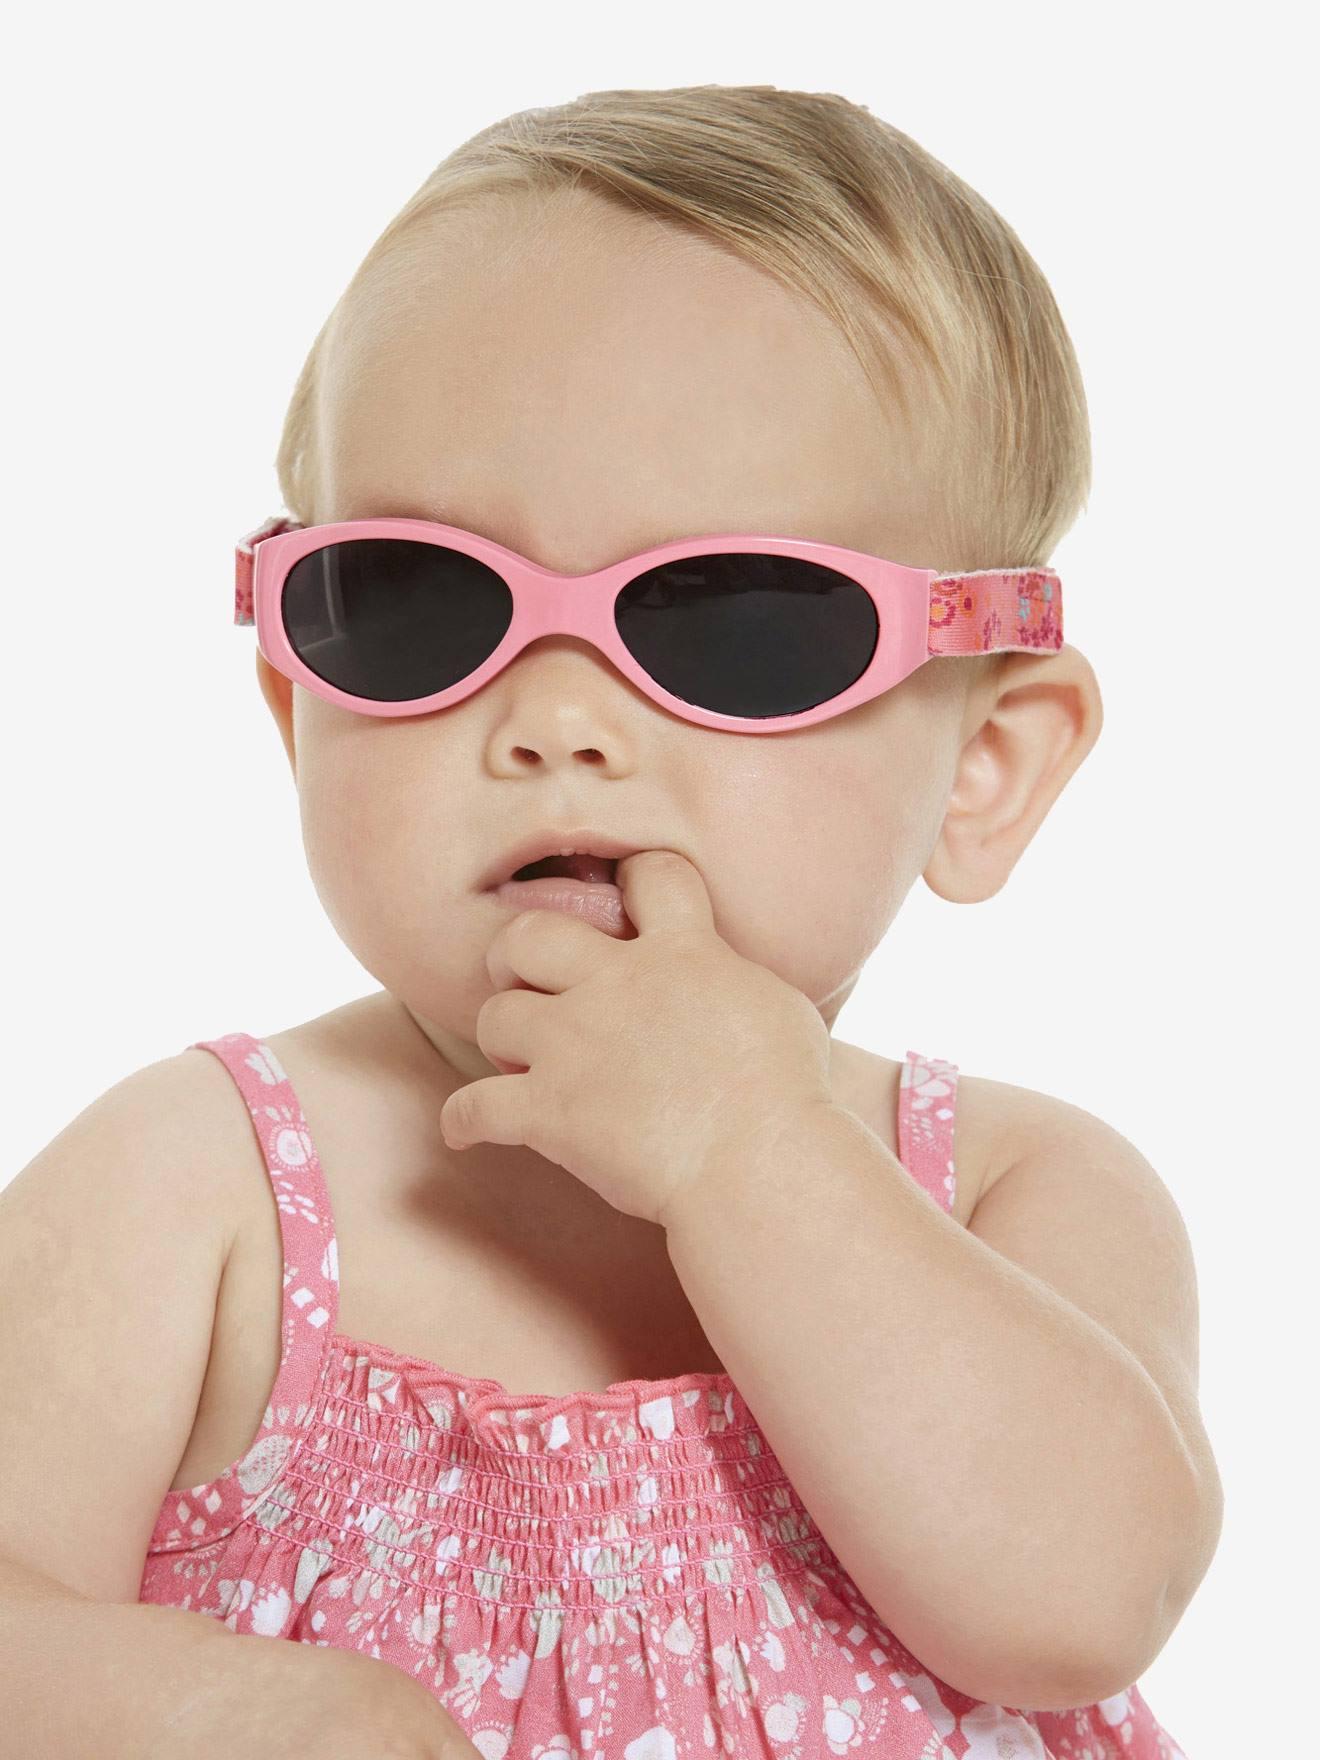 lunettes de soleil vertbaudet pour b b jusqu 39 18 mois. Black Bedroom Furniture Sets. Home Design Ideas